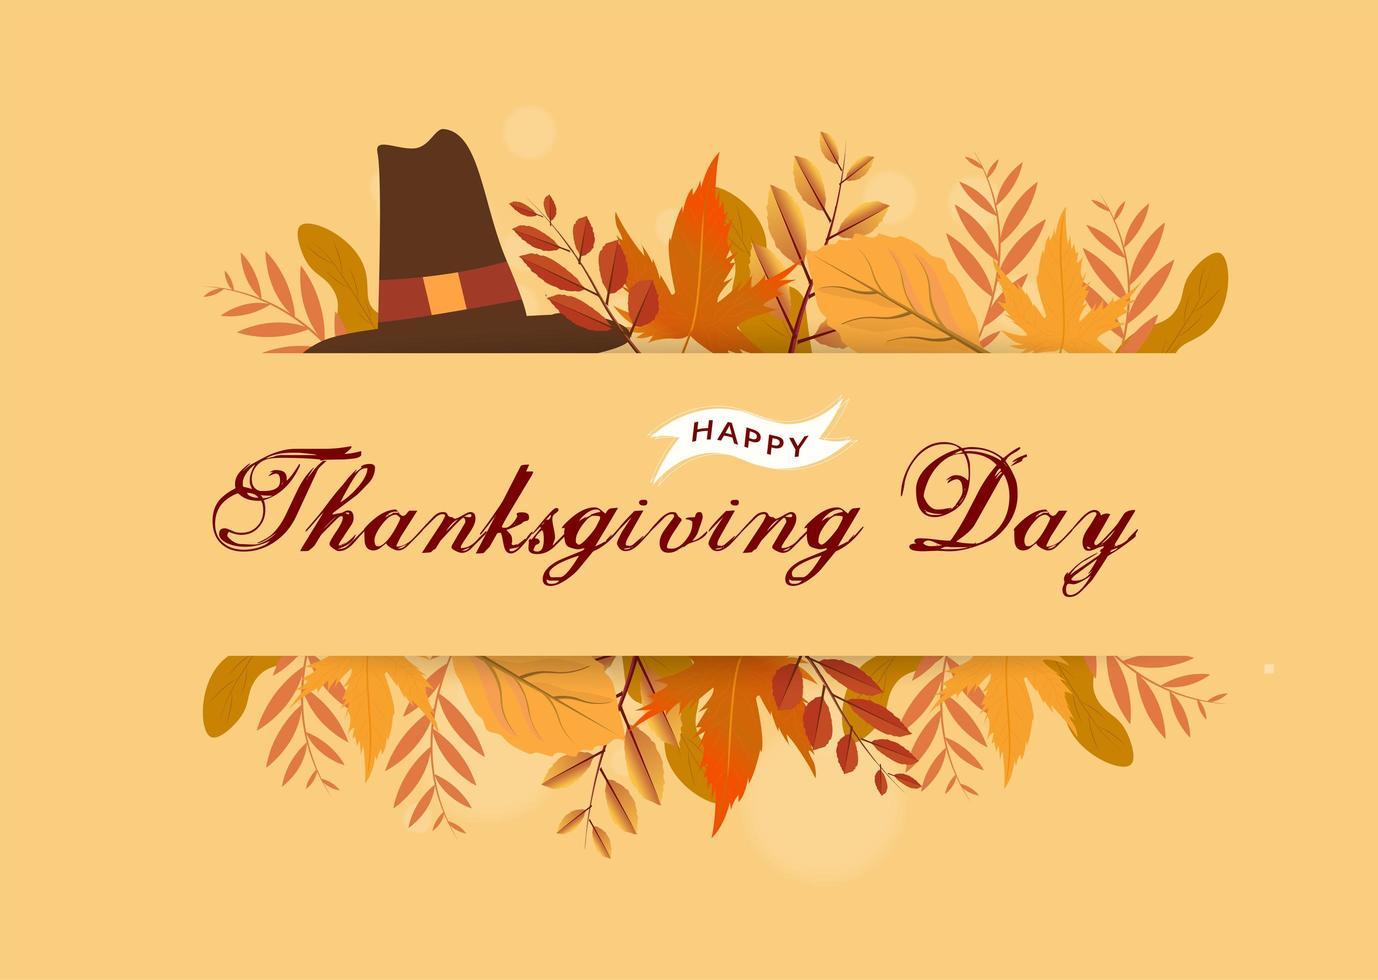 mensaje de acción de gracias con sombrero de peregrino y hojas de otoño vector